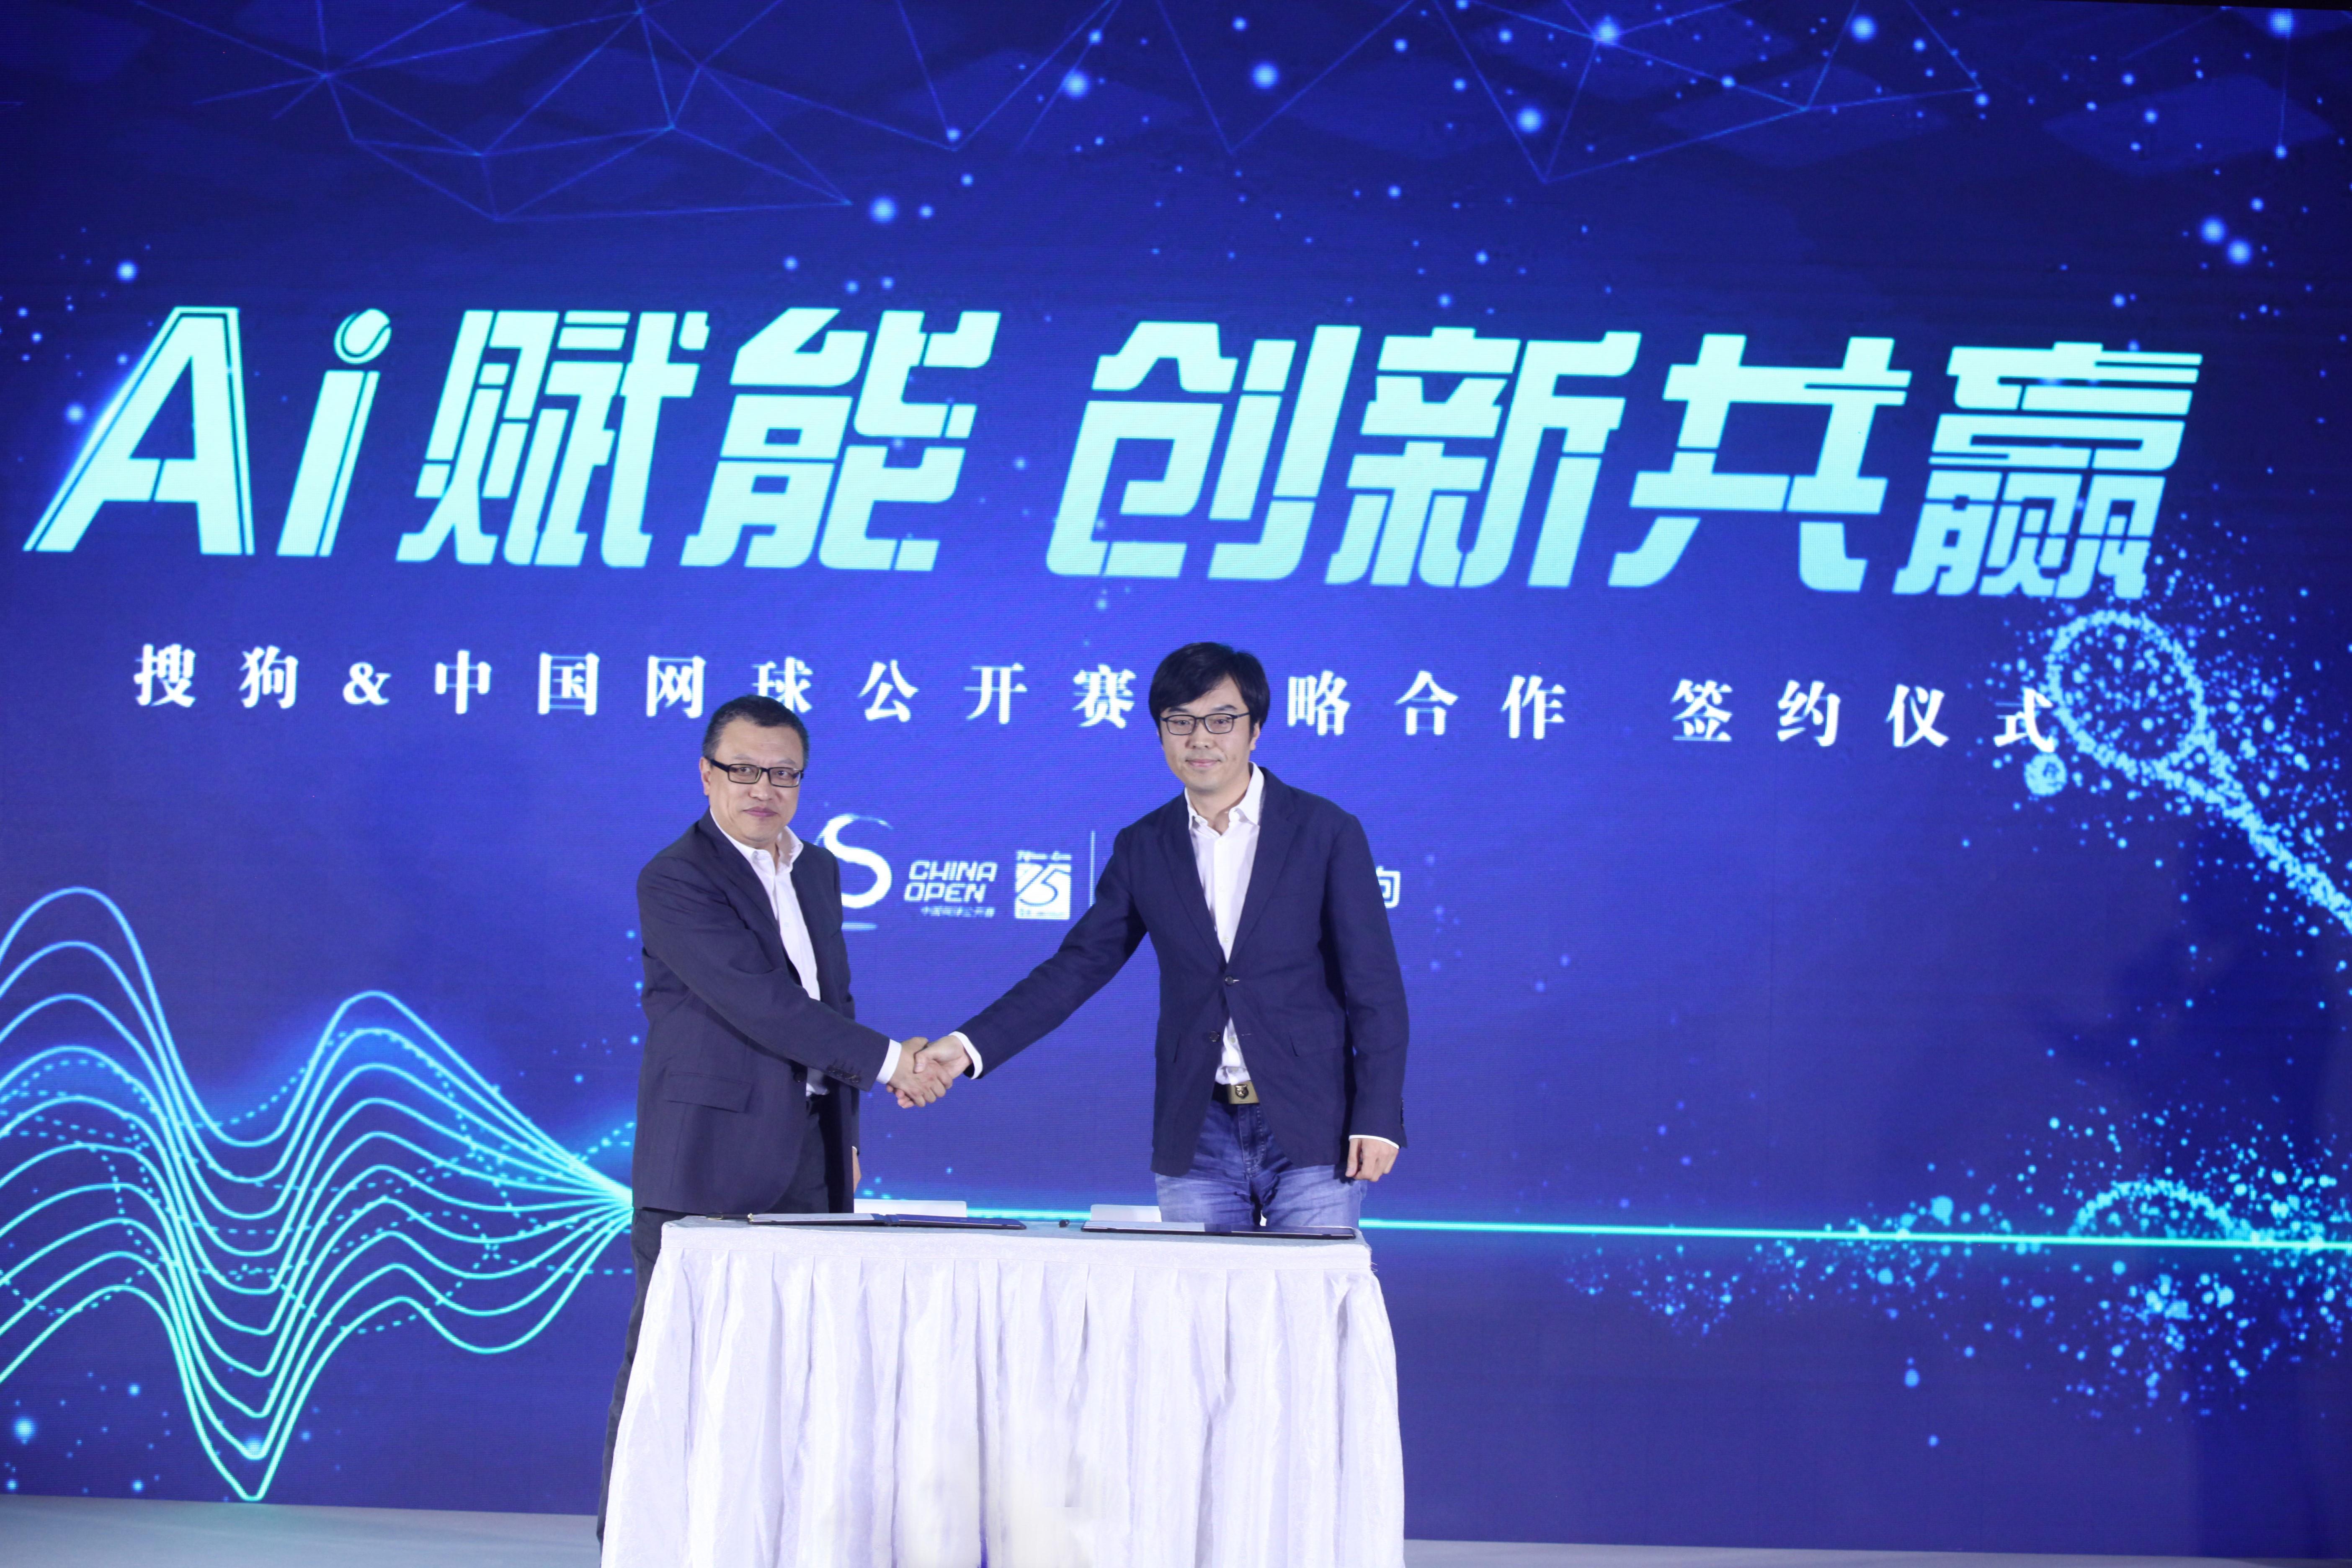 邹市明职业拳击 AI赋能创新共赢 搜狗与中国网球公开赛达成战略合作